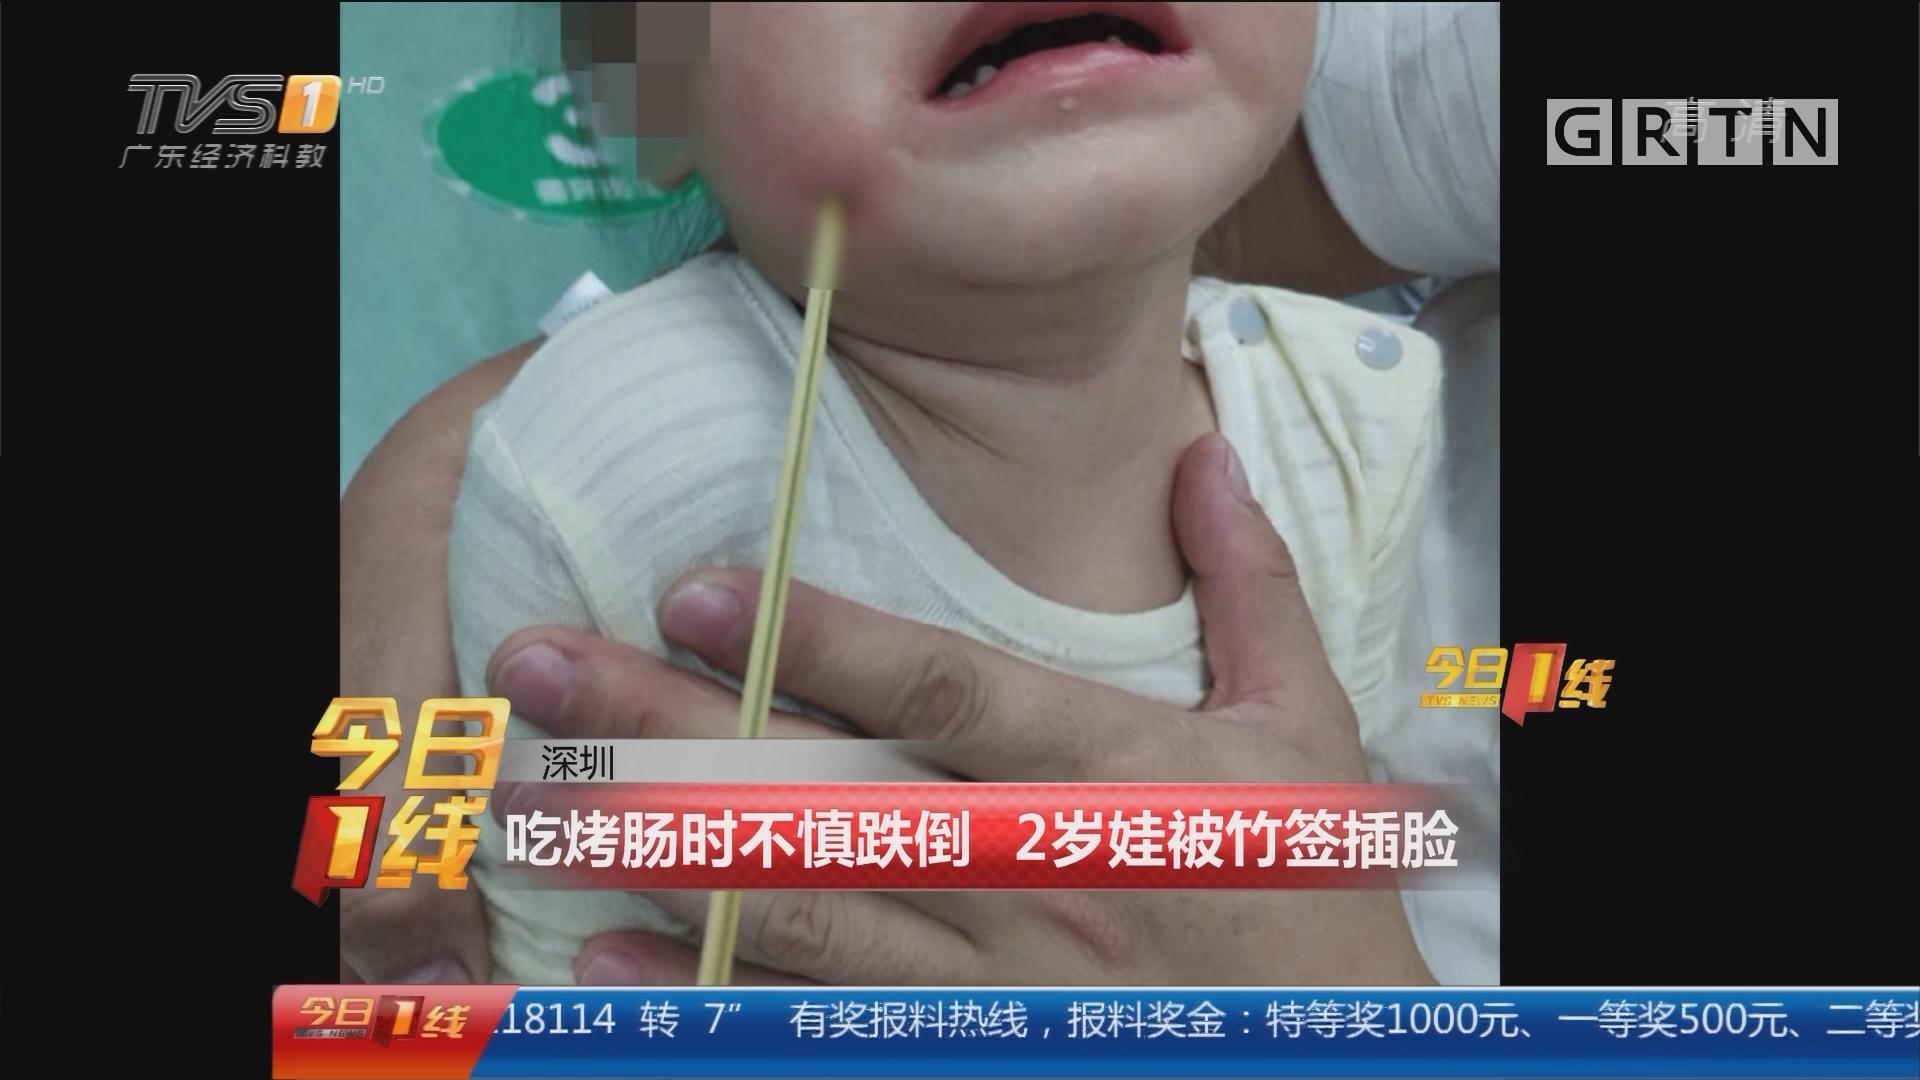 深圳:吃烤肠时不慎跌倒 2岁娃被竹签插脸